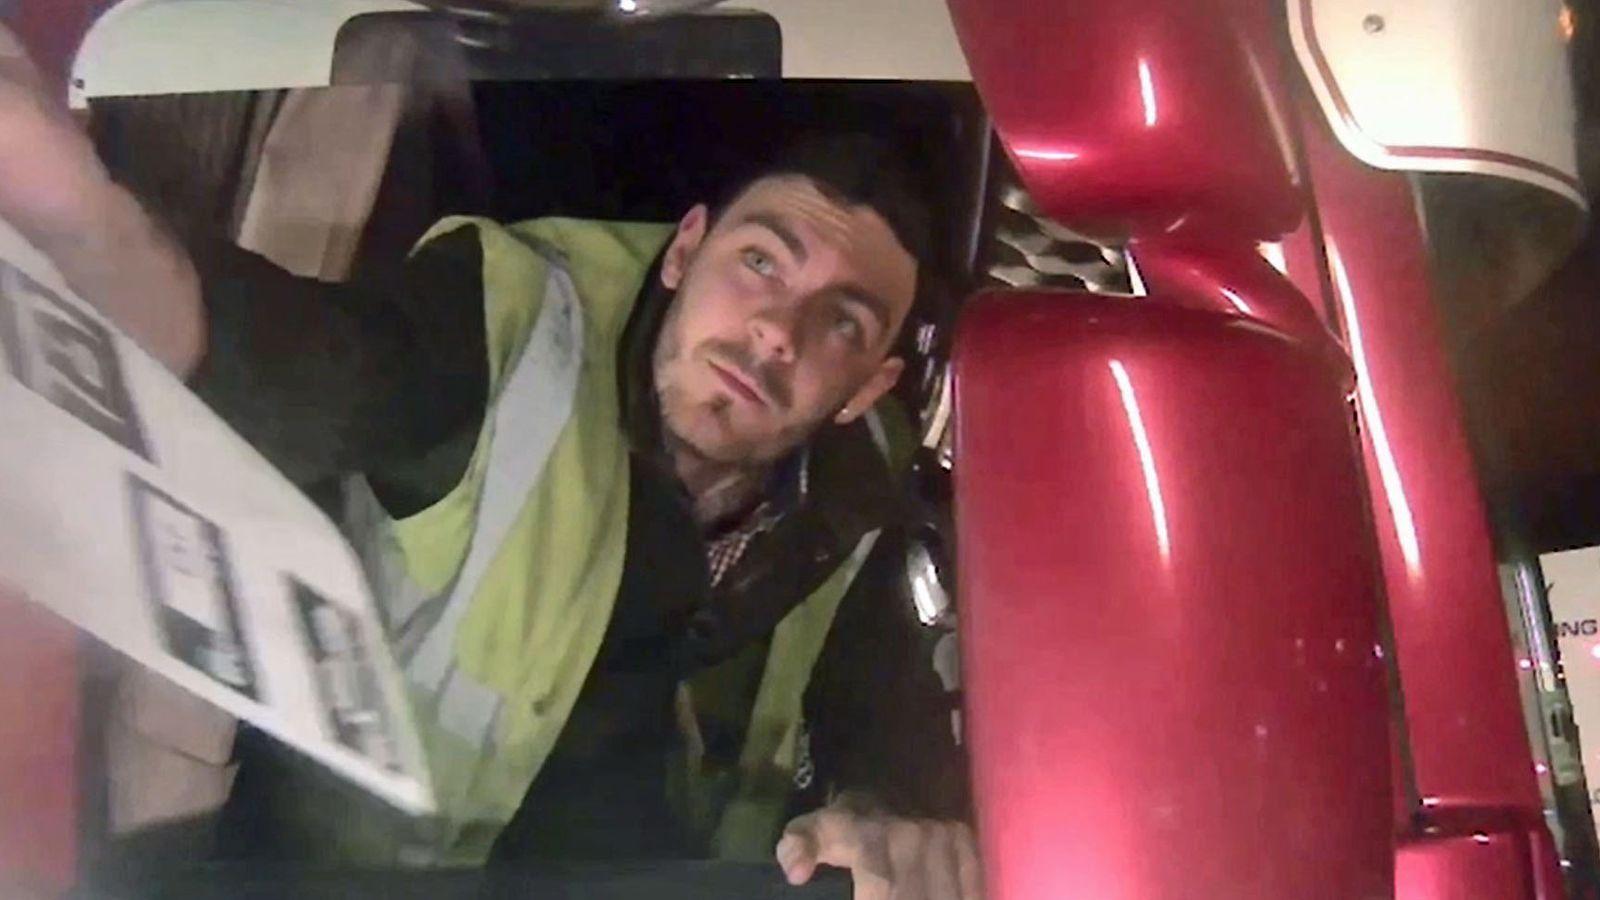 Tài xế Robinson, người phát hiện ra thi thể nạn nhân khi mở cửa container.